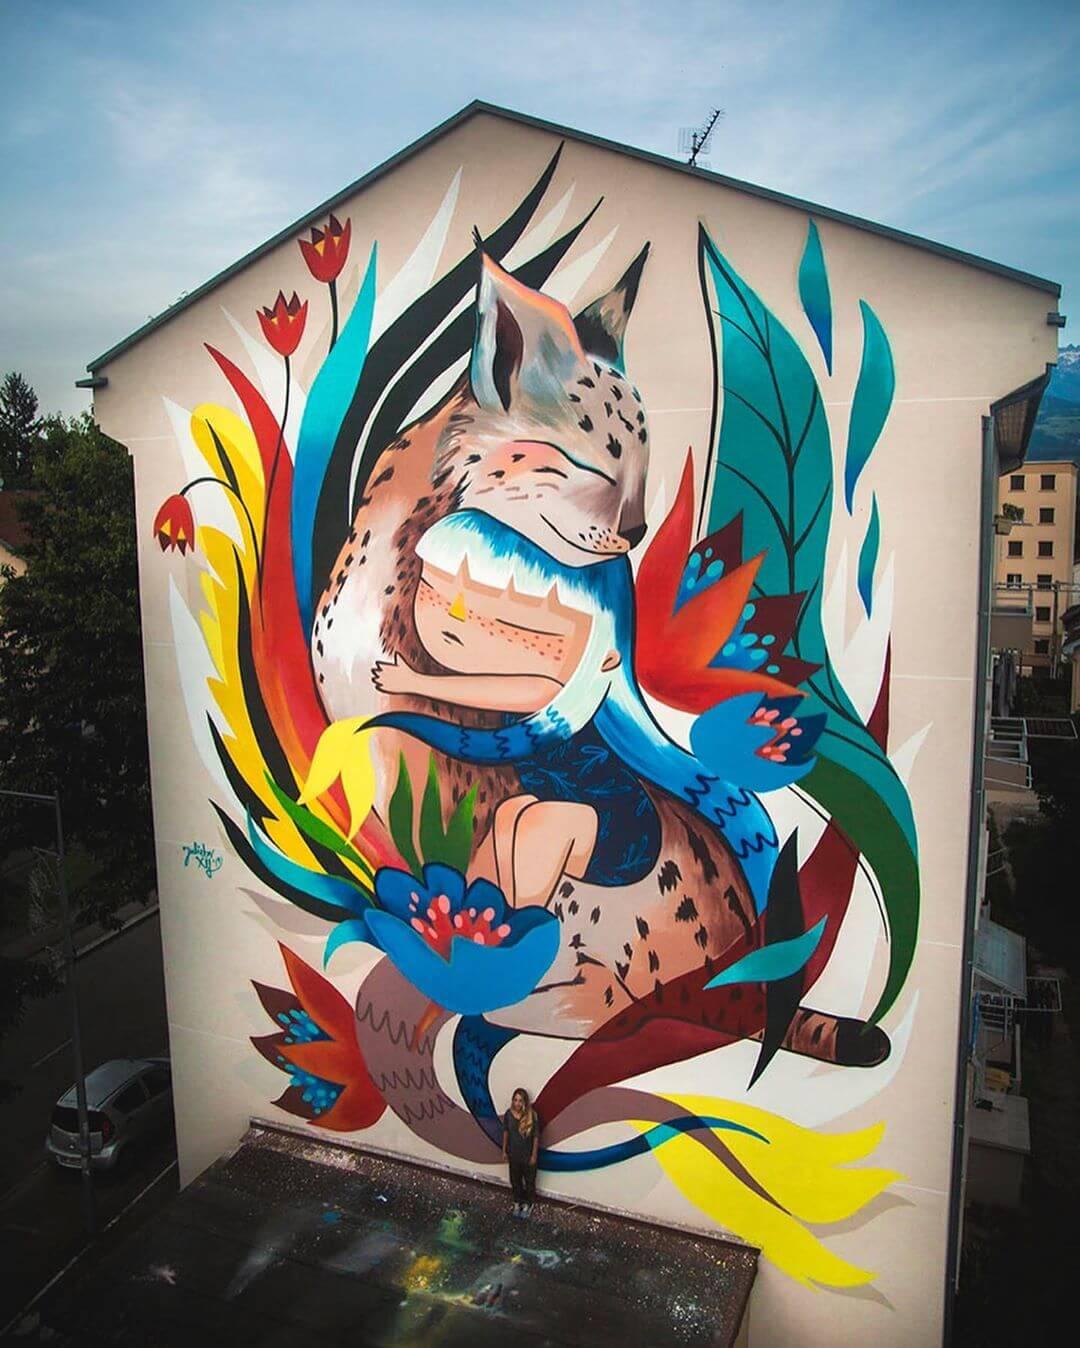 Julieta XLF | Mural | Street Art Fest Grenoble, France | 2019